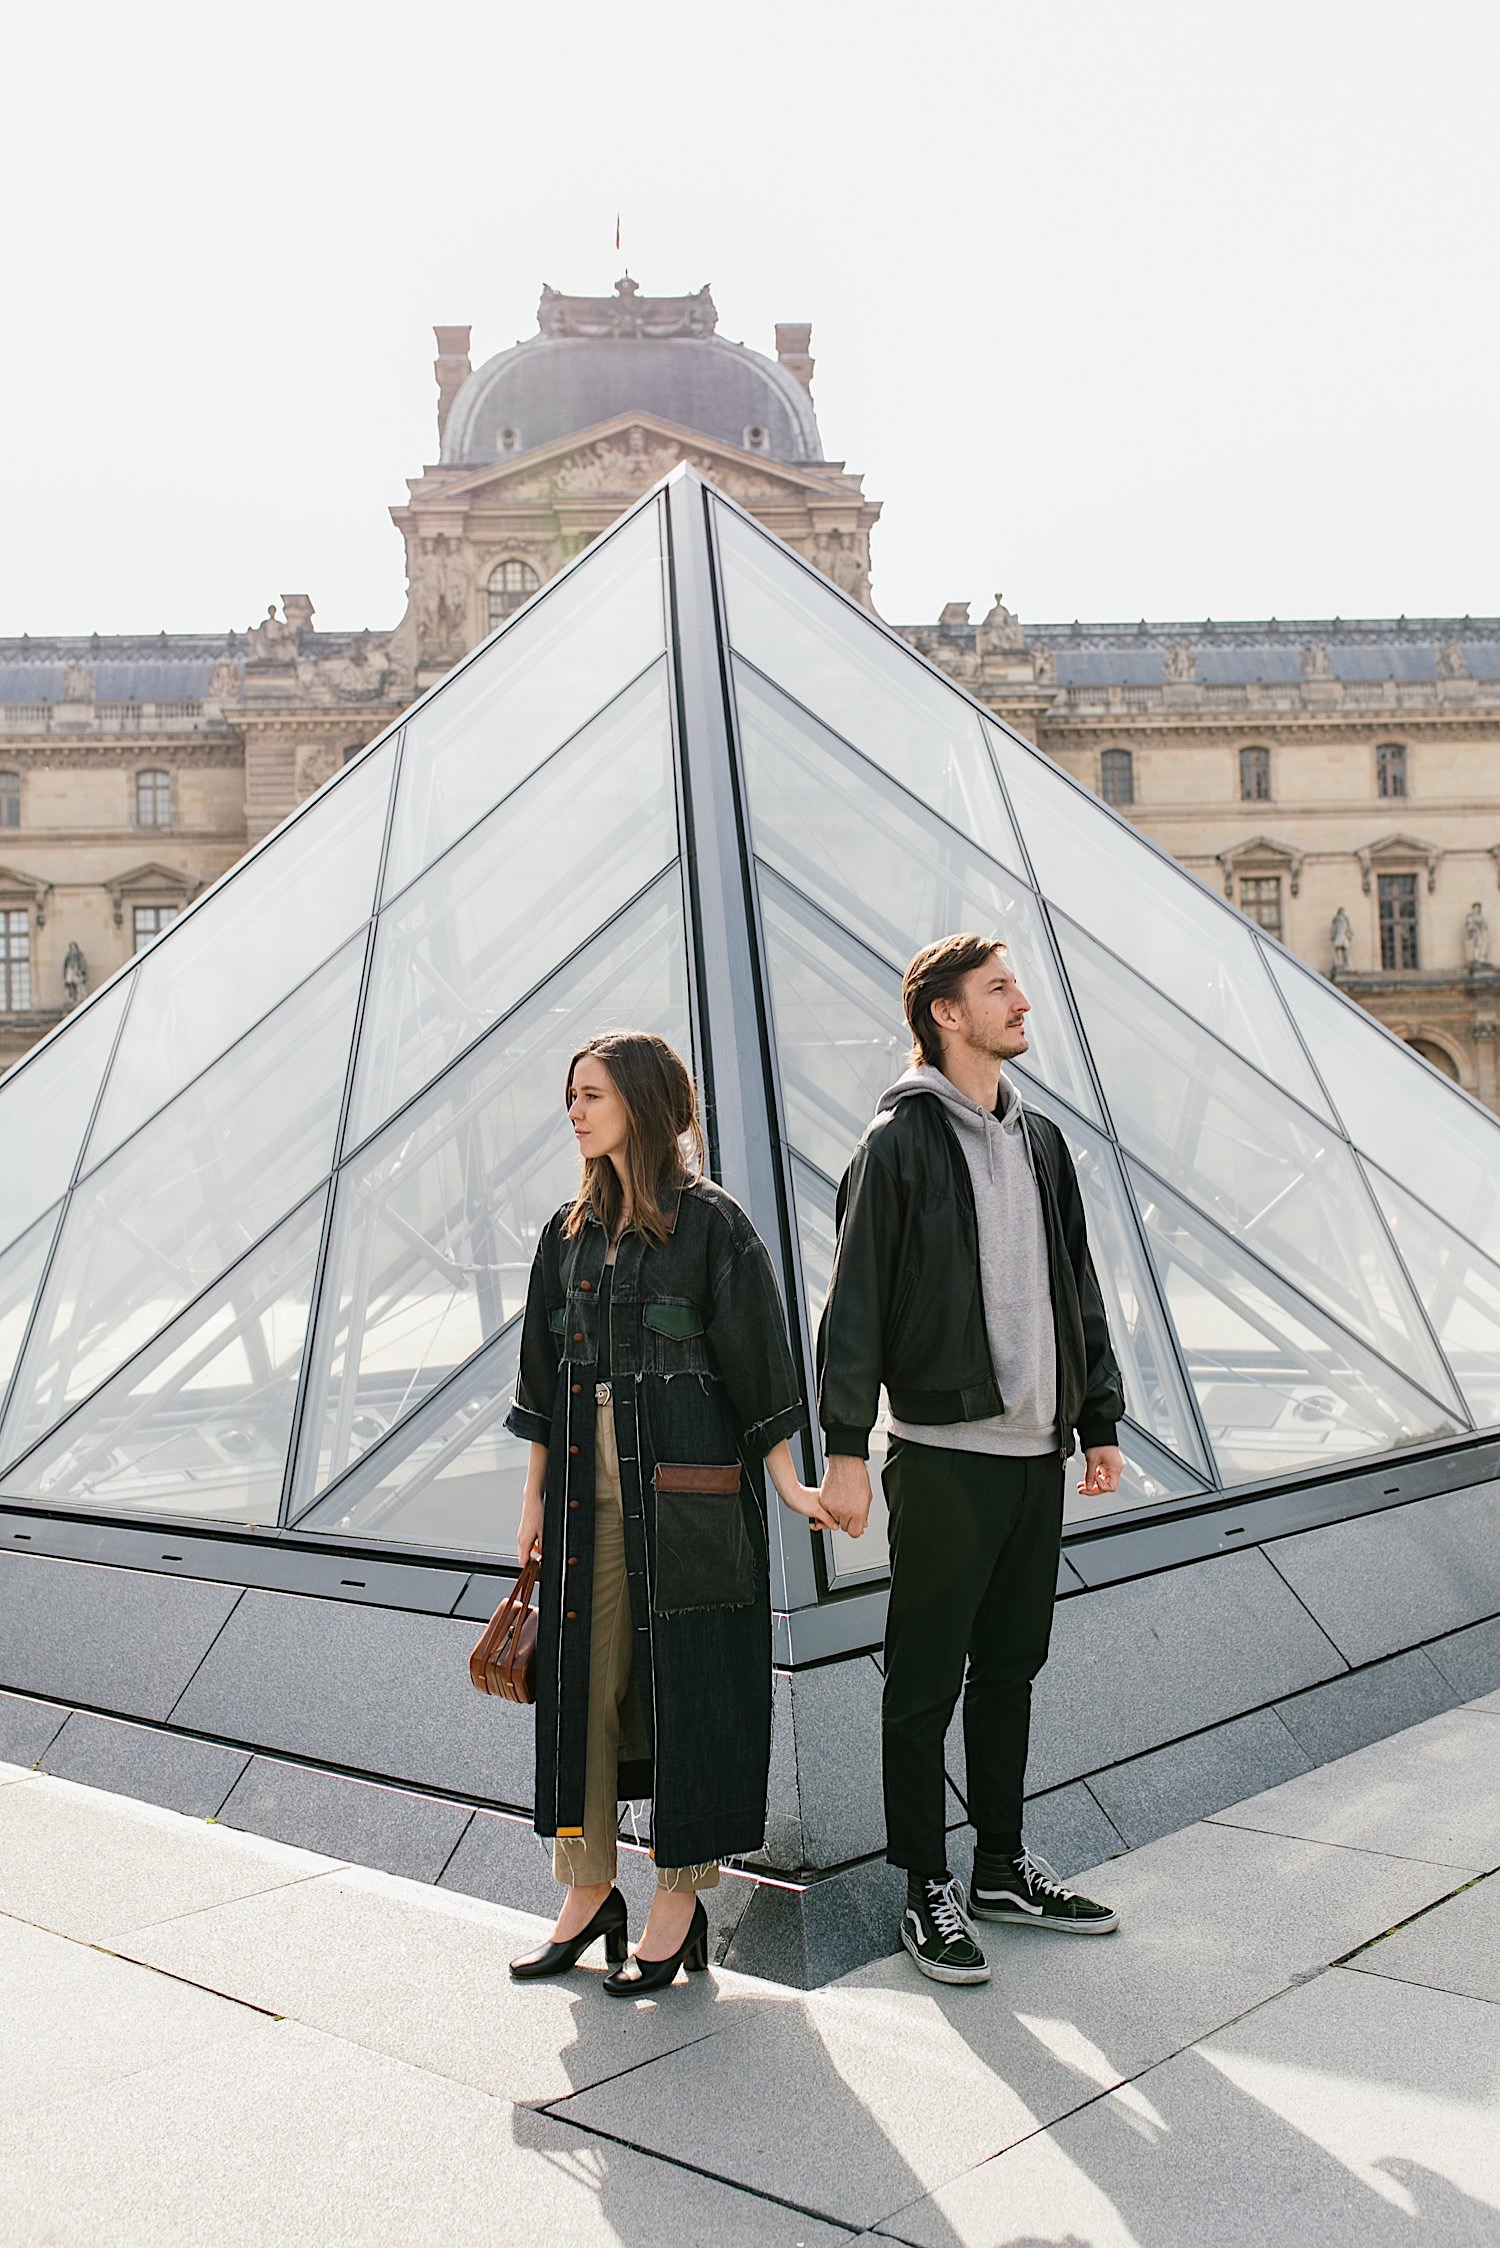 Paarfotografie in Europa